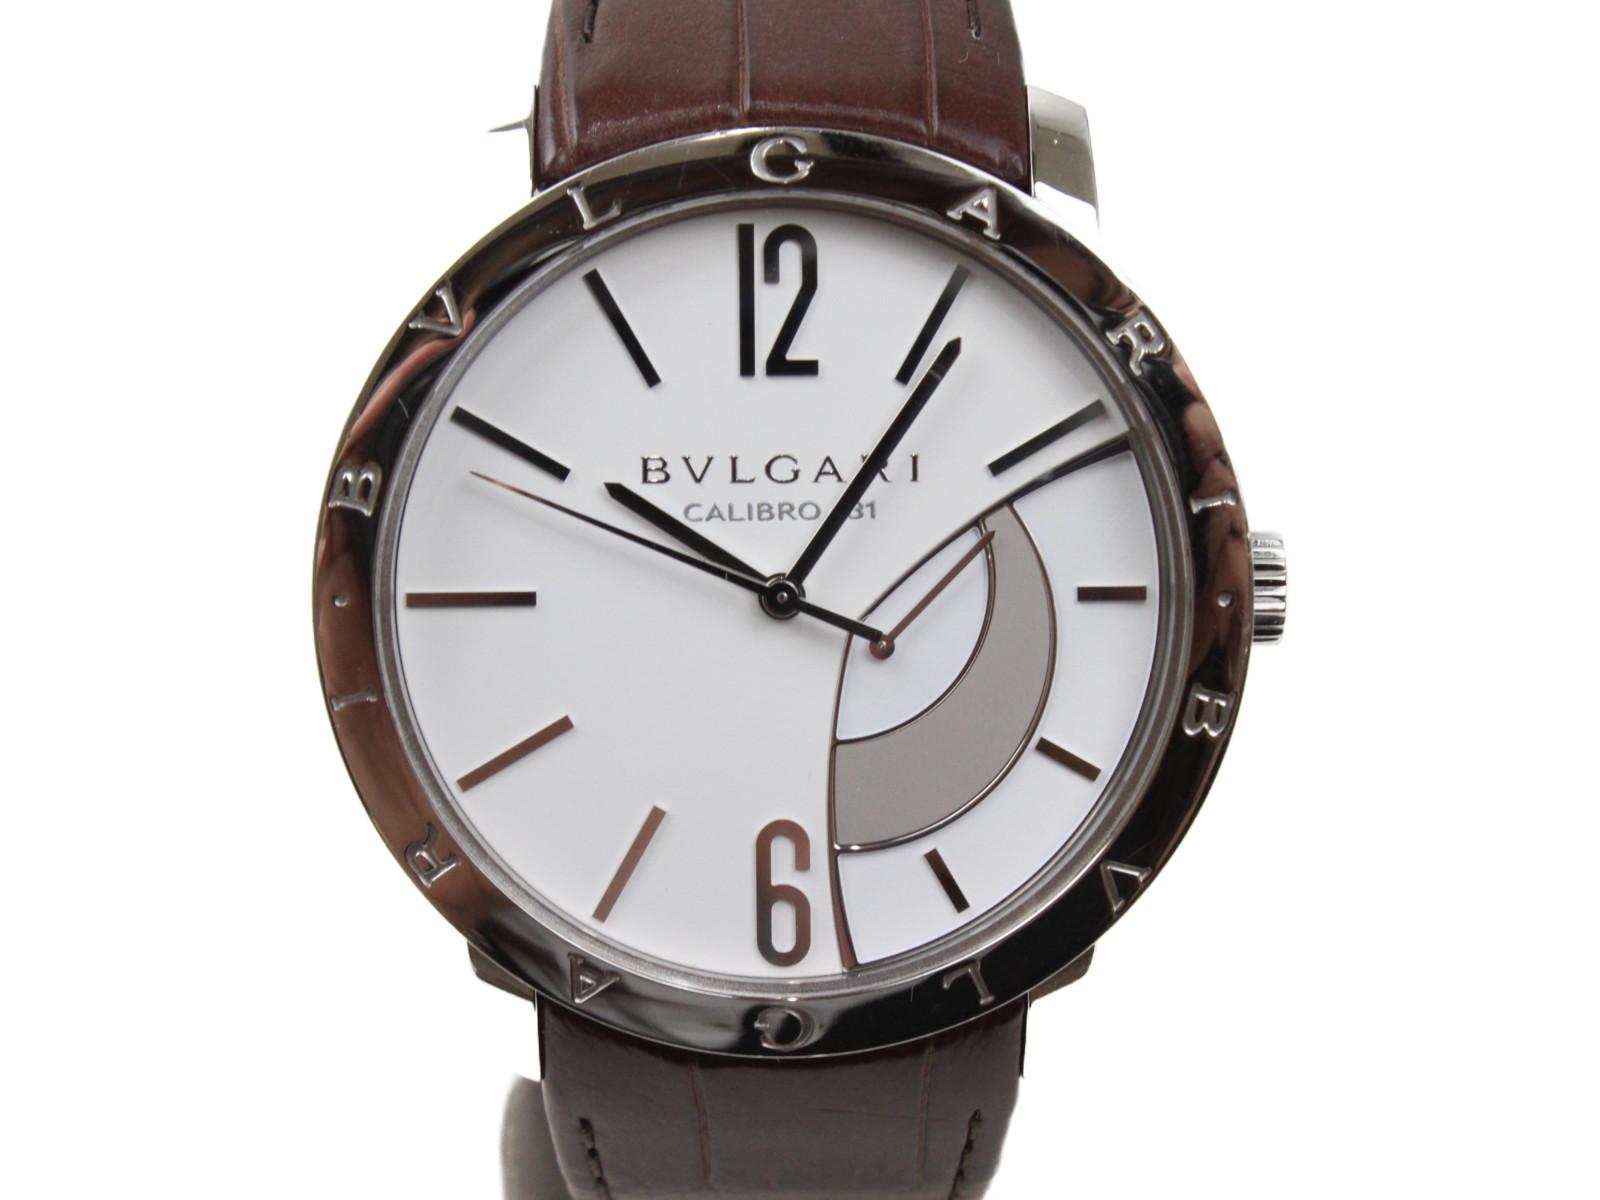 【OH済み】BVLGARI ブルガリ ブルガリブルガリ リザーブ ド マルシェ BB43SRM 手巻き パワーリザーブ シースルーバッグ SS ステンレススチール 革ベルト メンズ 腕時計【中古】